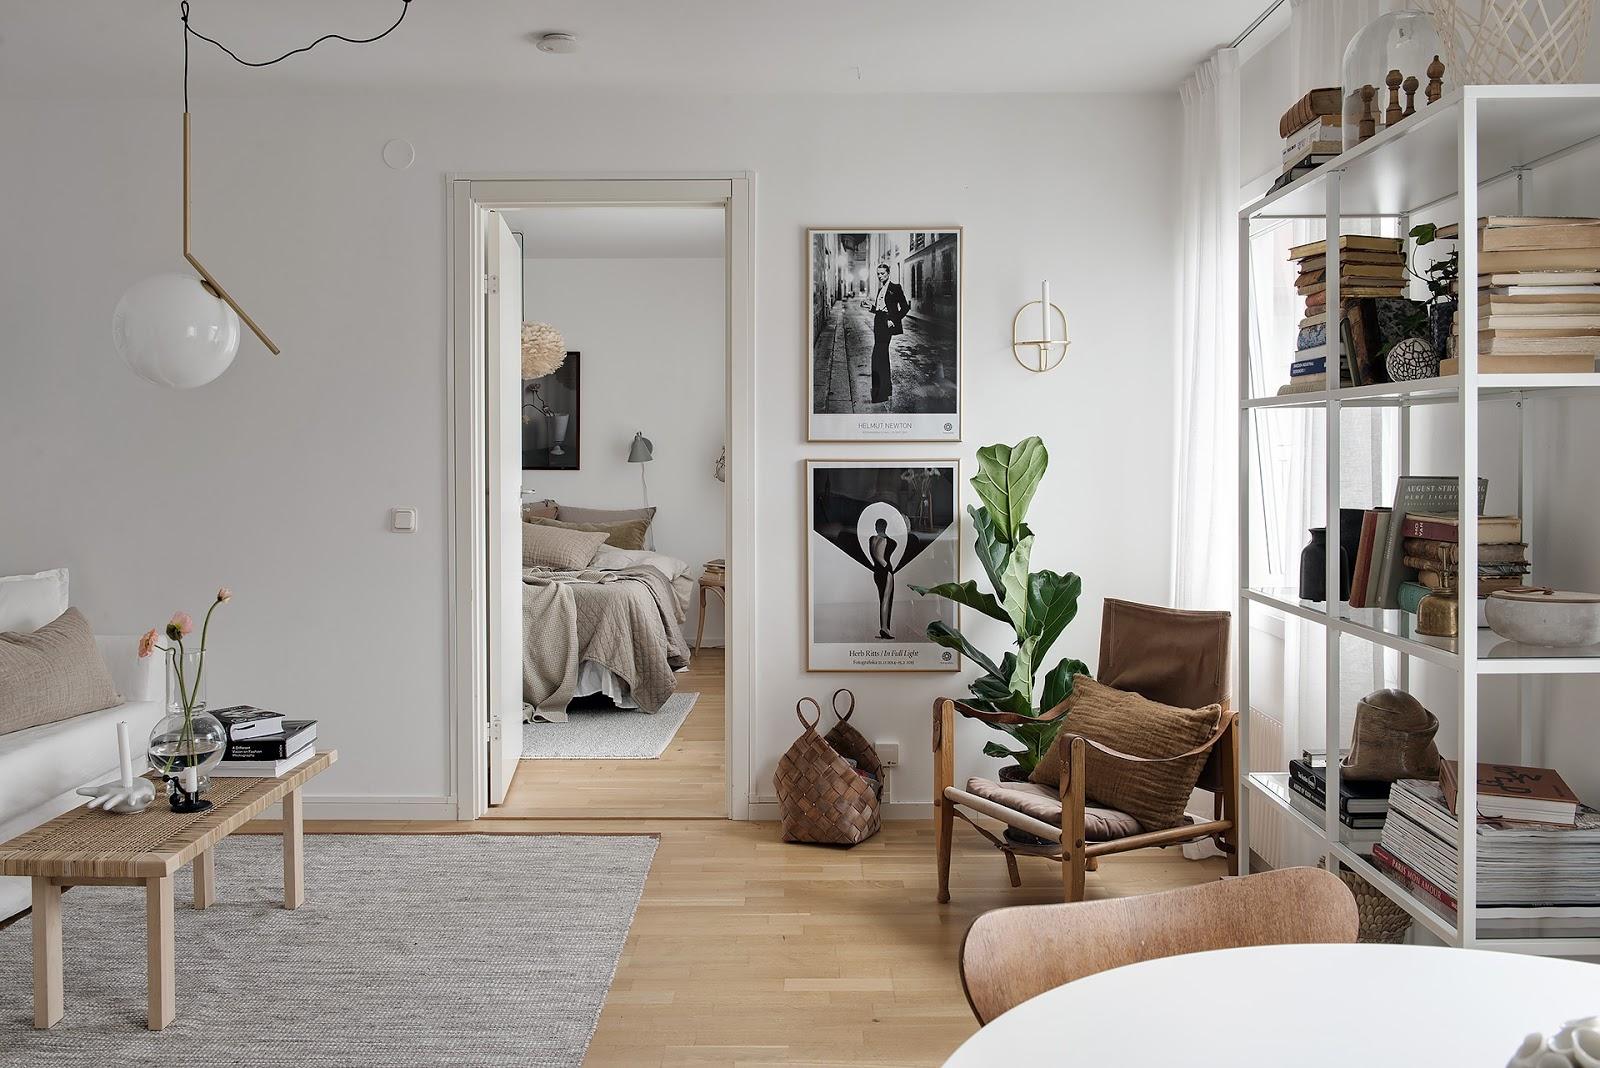 Decor în tonuri naturale de culoare într-un apartament de 40 m²